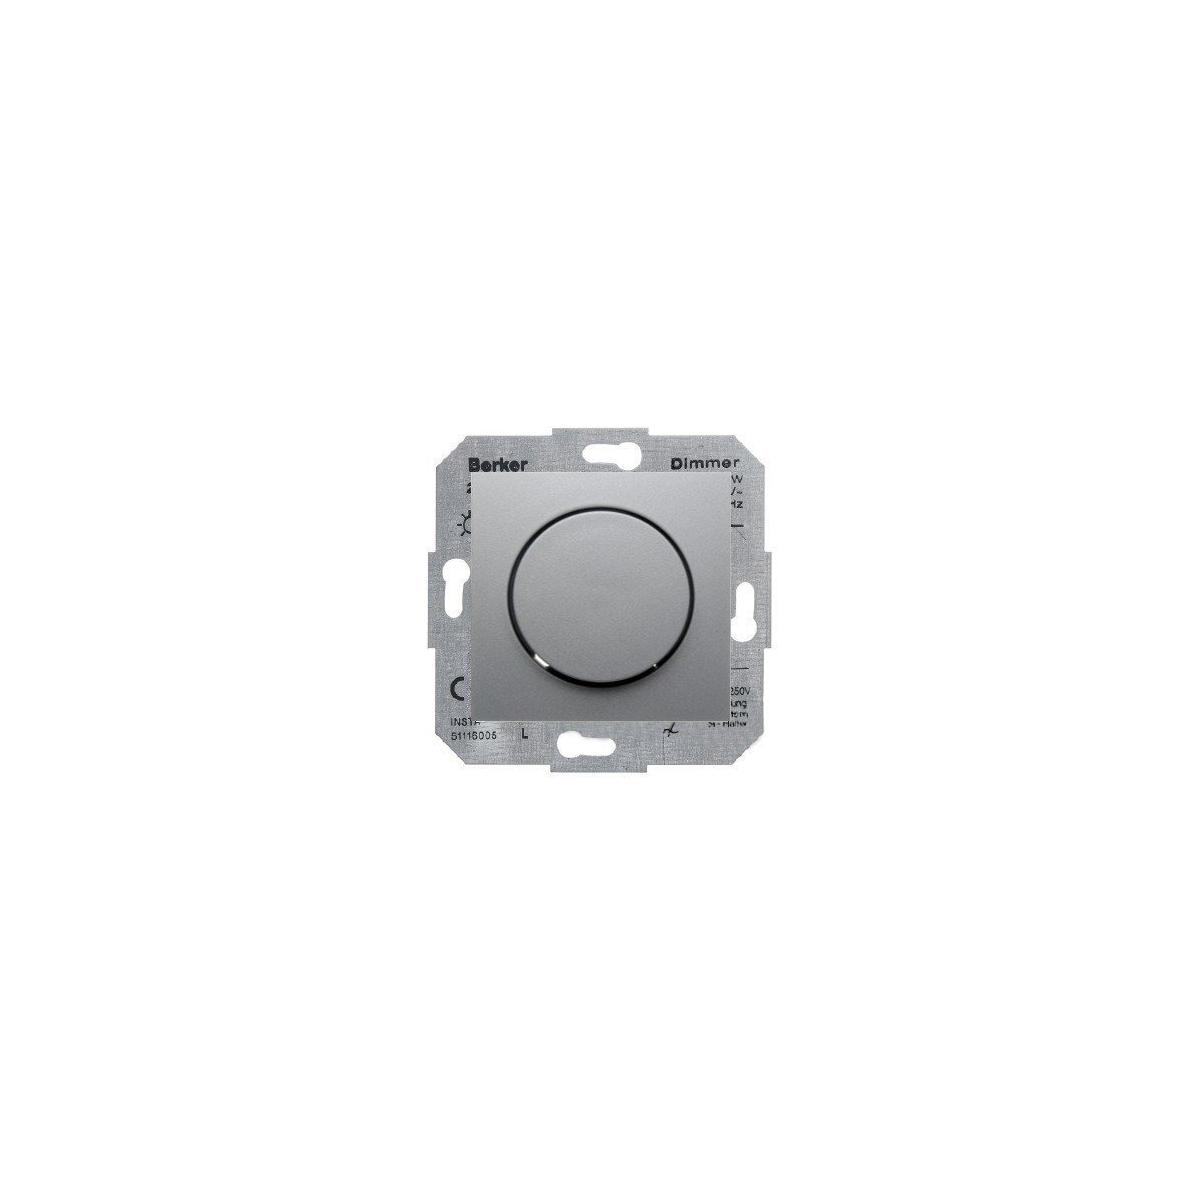 Ściemniacz obrotowy 60-400W Berker B.1/B.3/B.7 aluminium mat (281901+11371404)